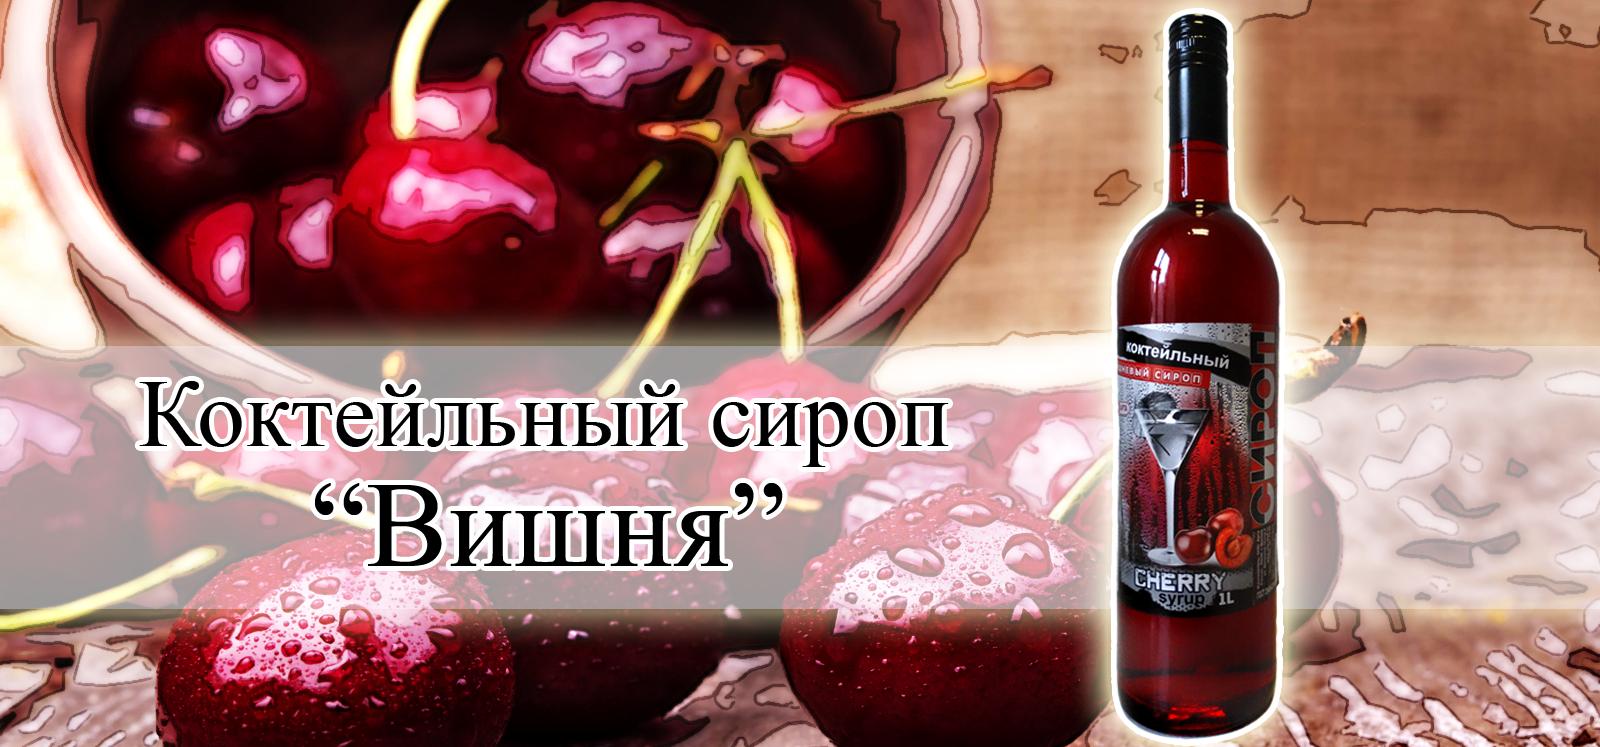 Арта - Сиропы - Коктейльный сироп Вишня